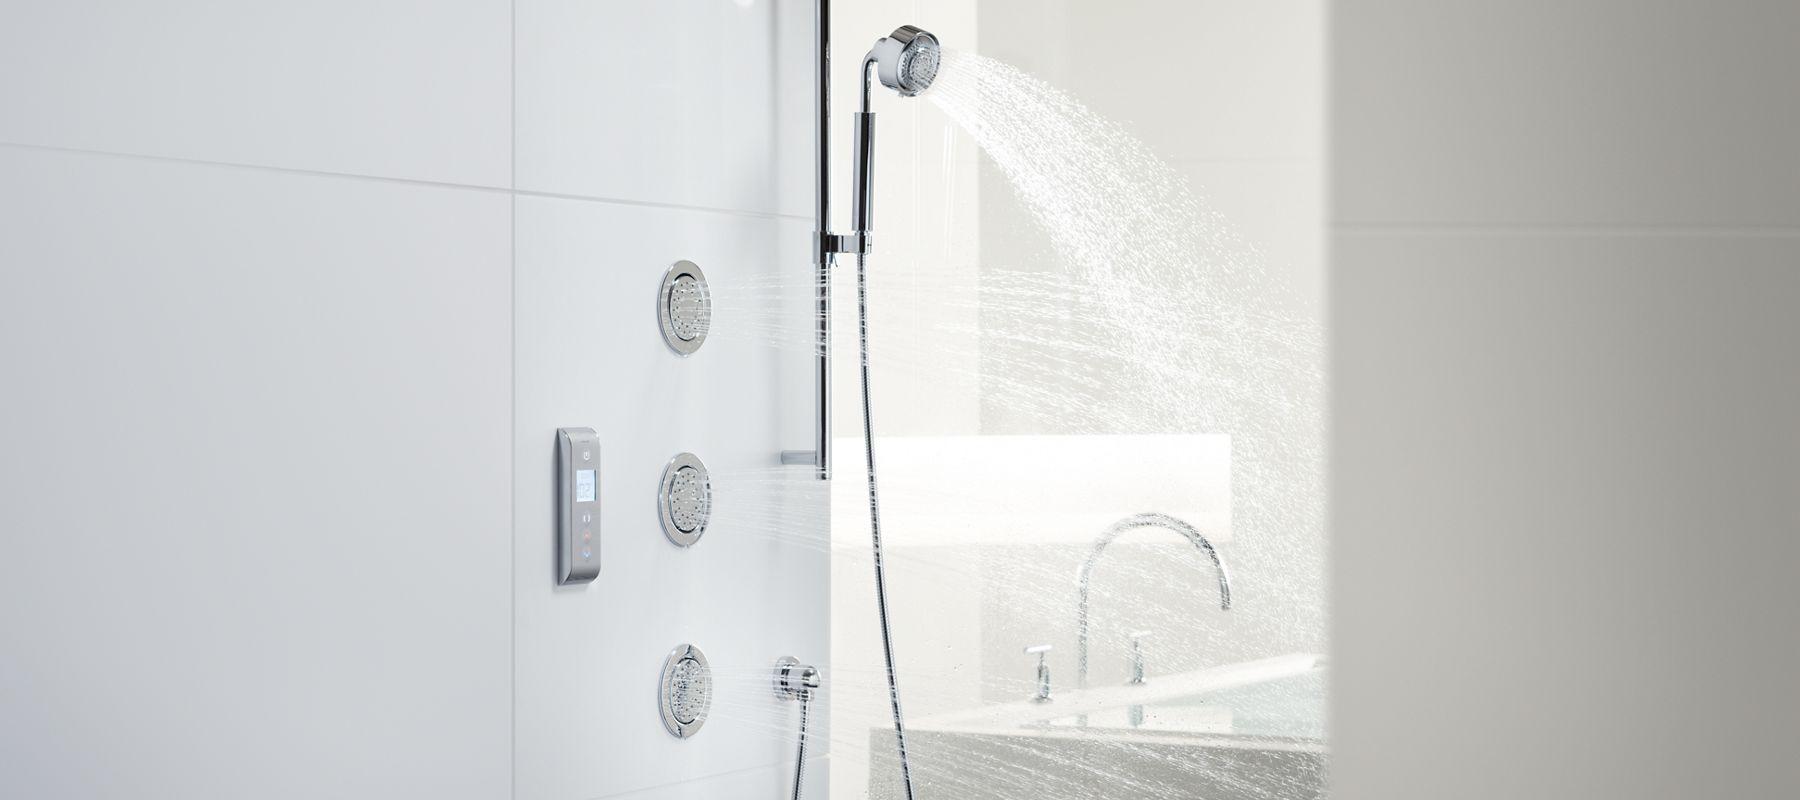 Dtv Prompt 174 Digital Showering System Bathroom Kohler